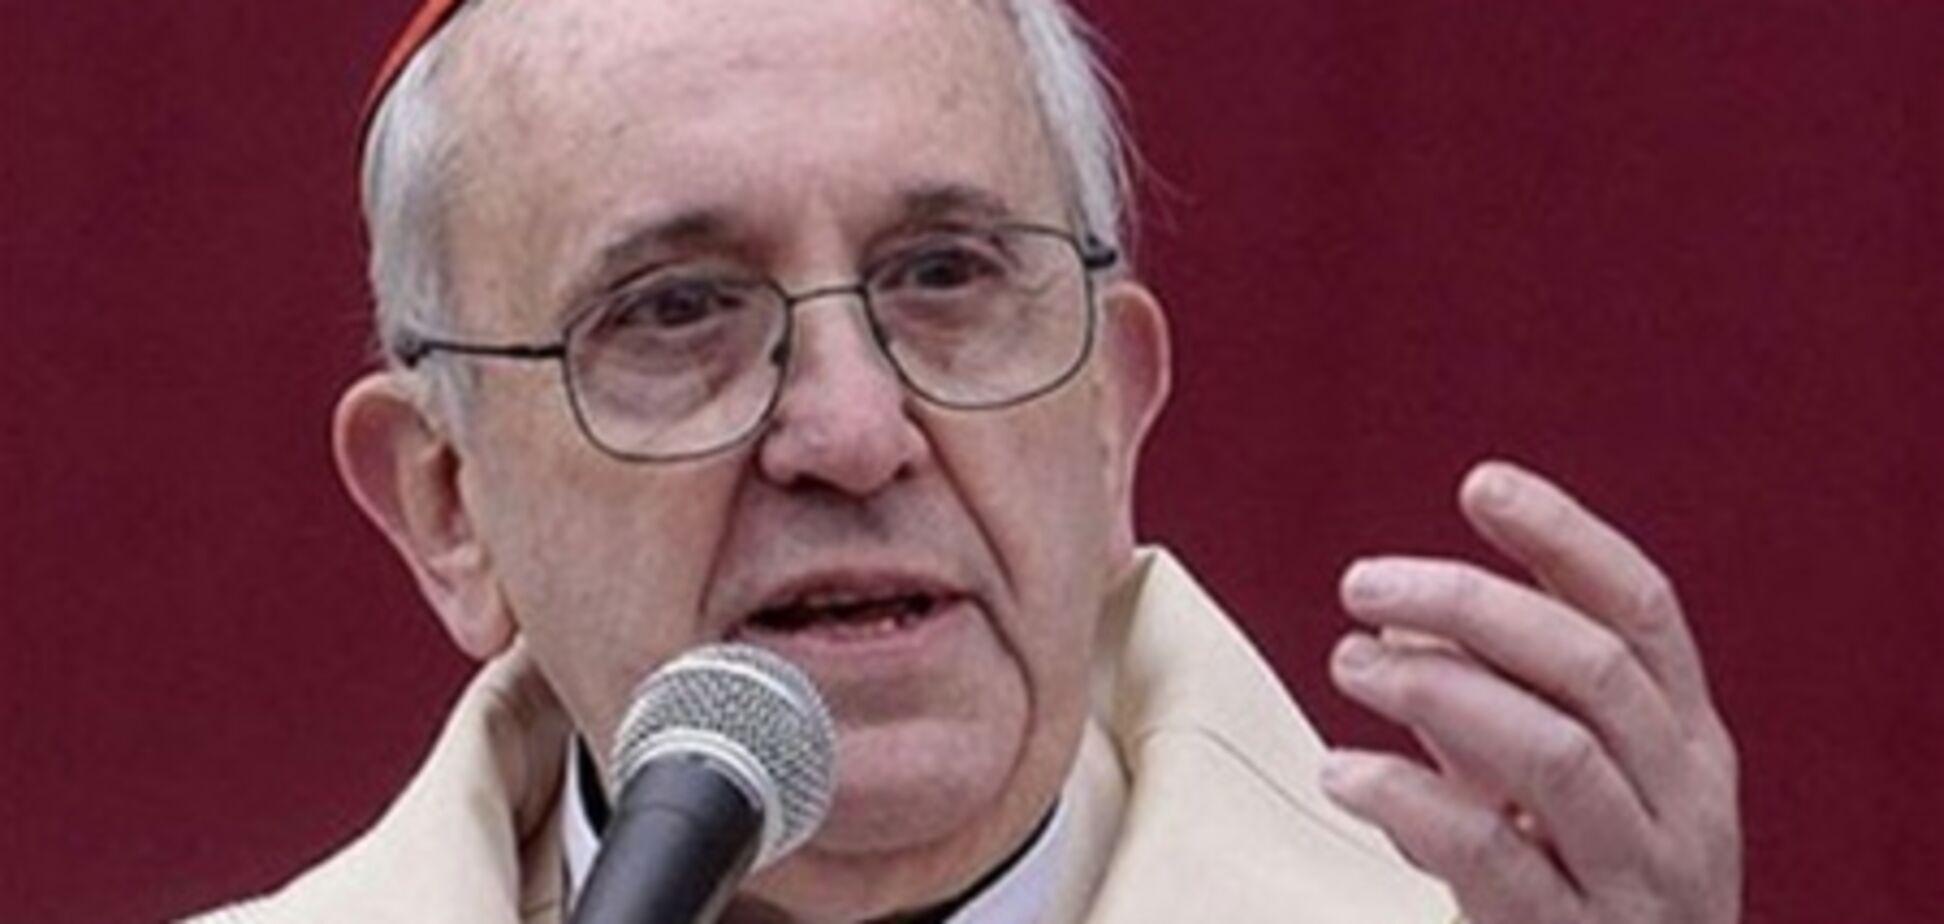 Папа Римский шокировал Ватикан высказыванием об атеистах